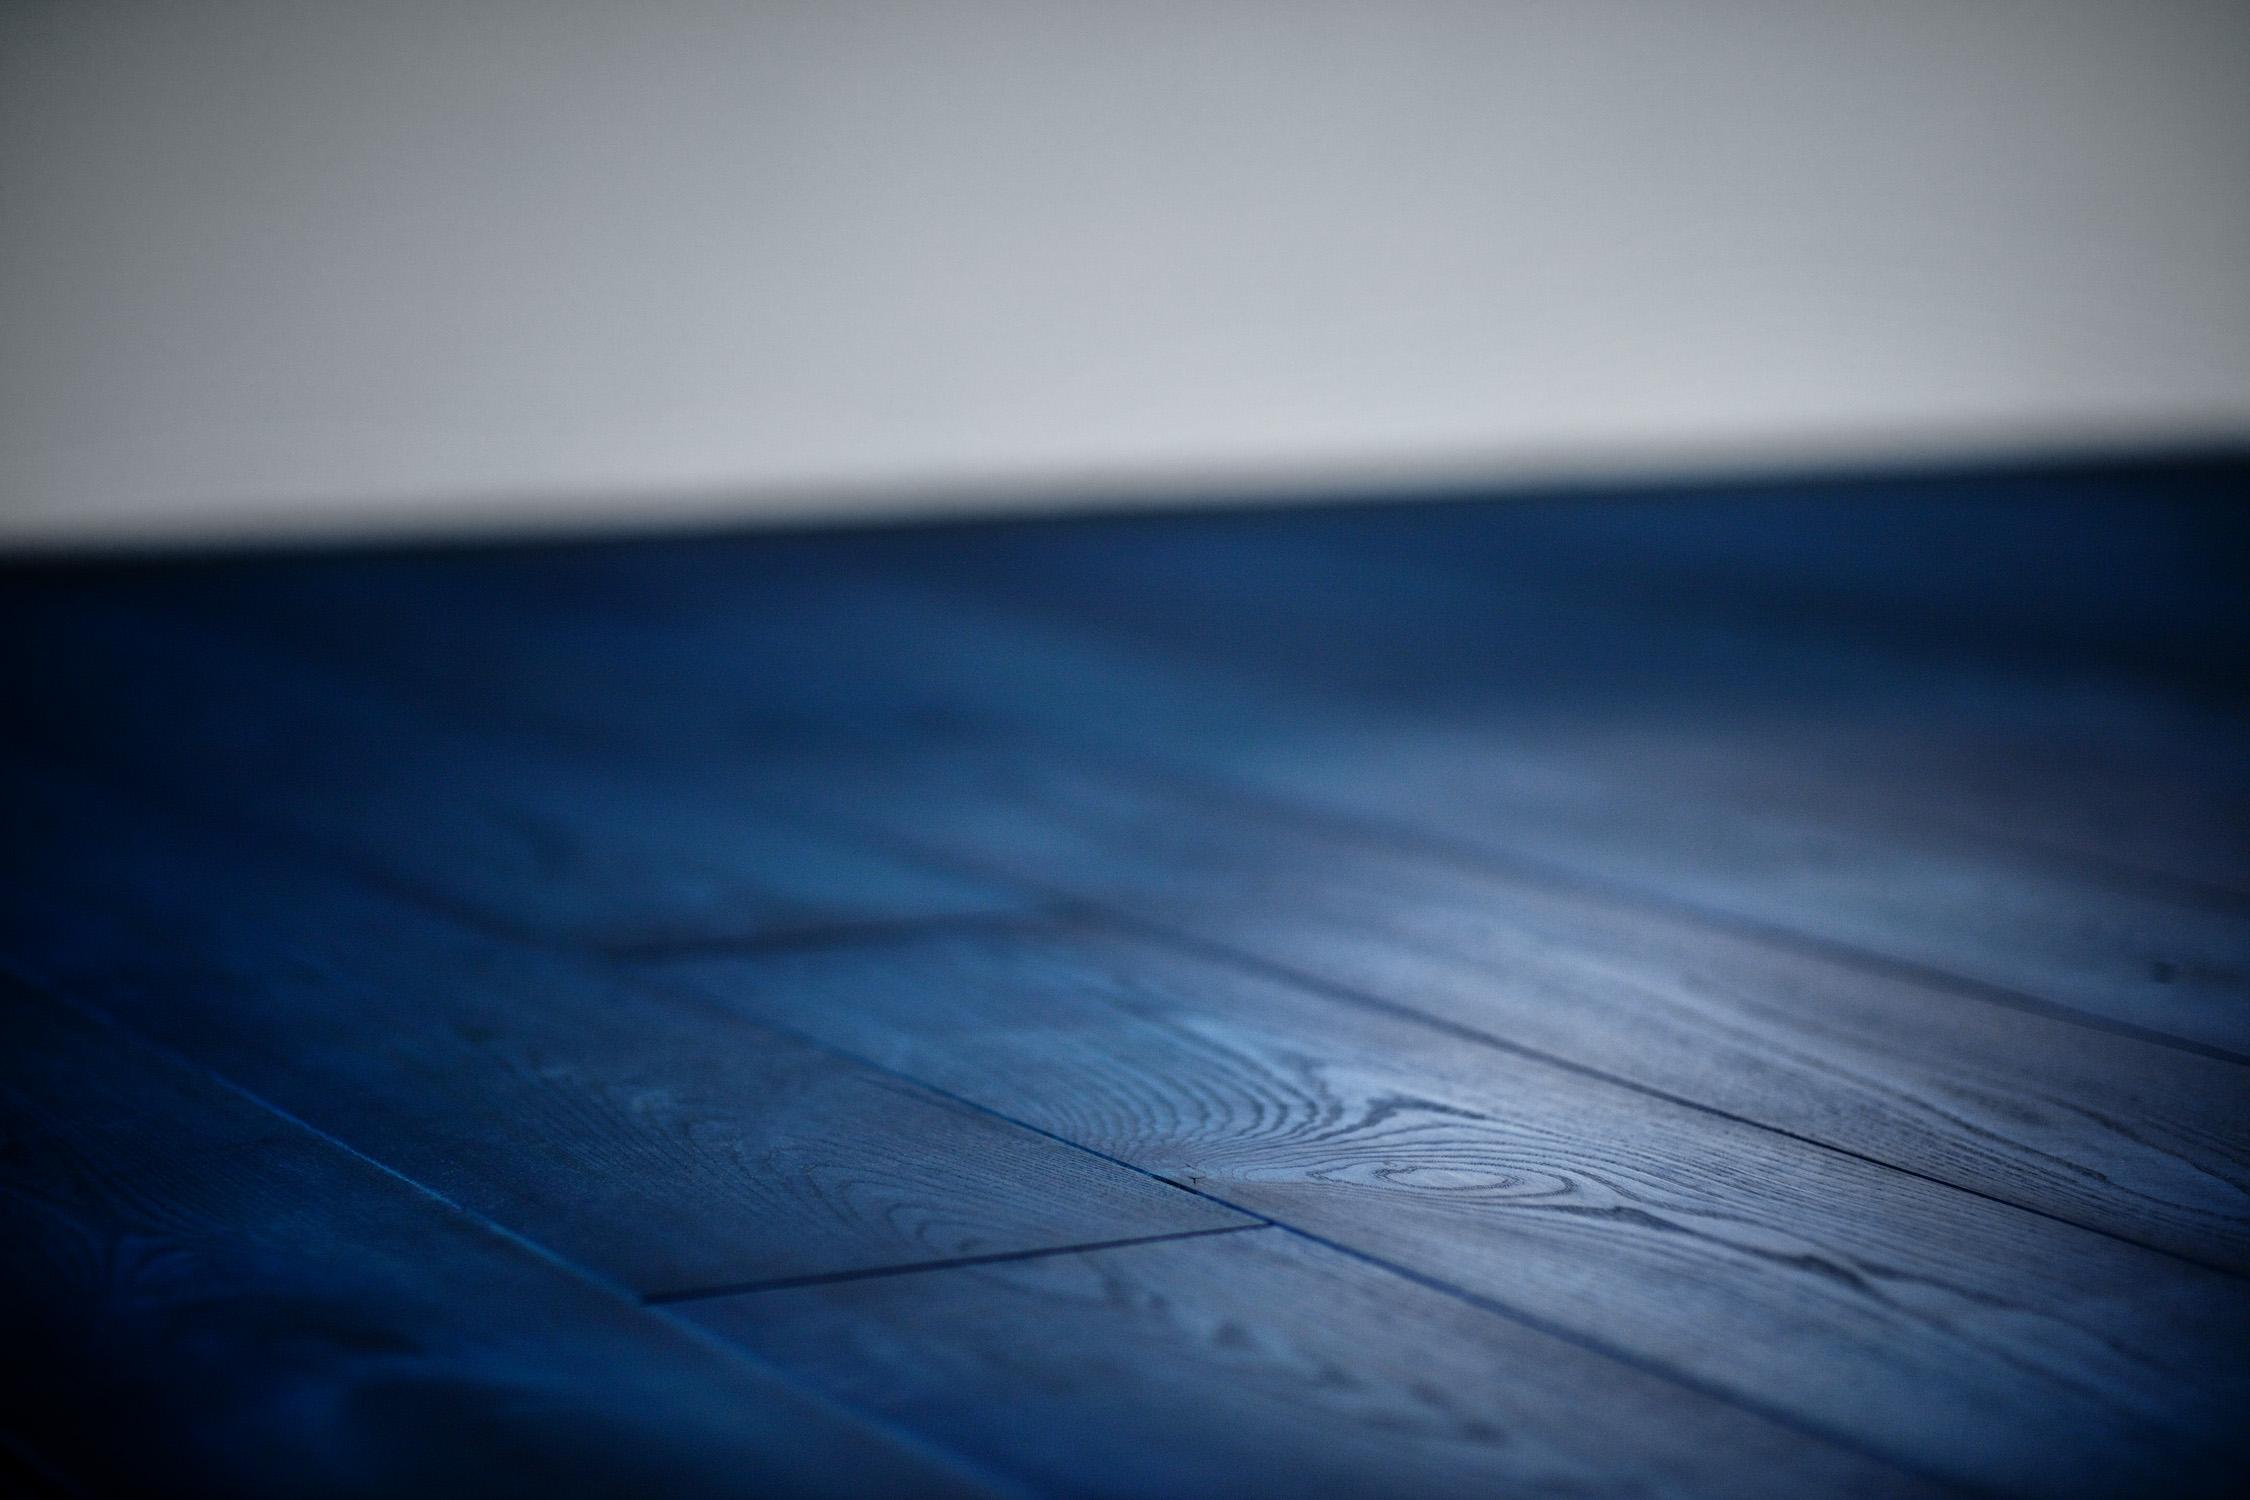 M A D E R Simply Wood Floors Designed By Natureindigo